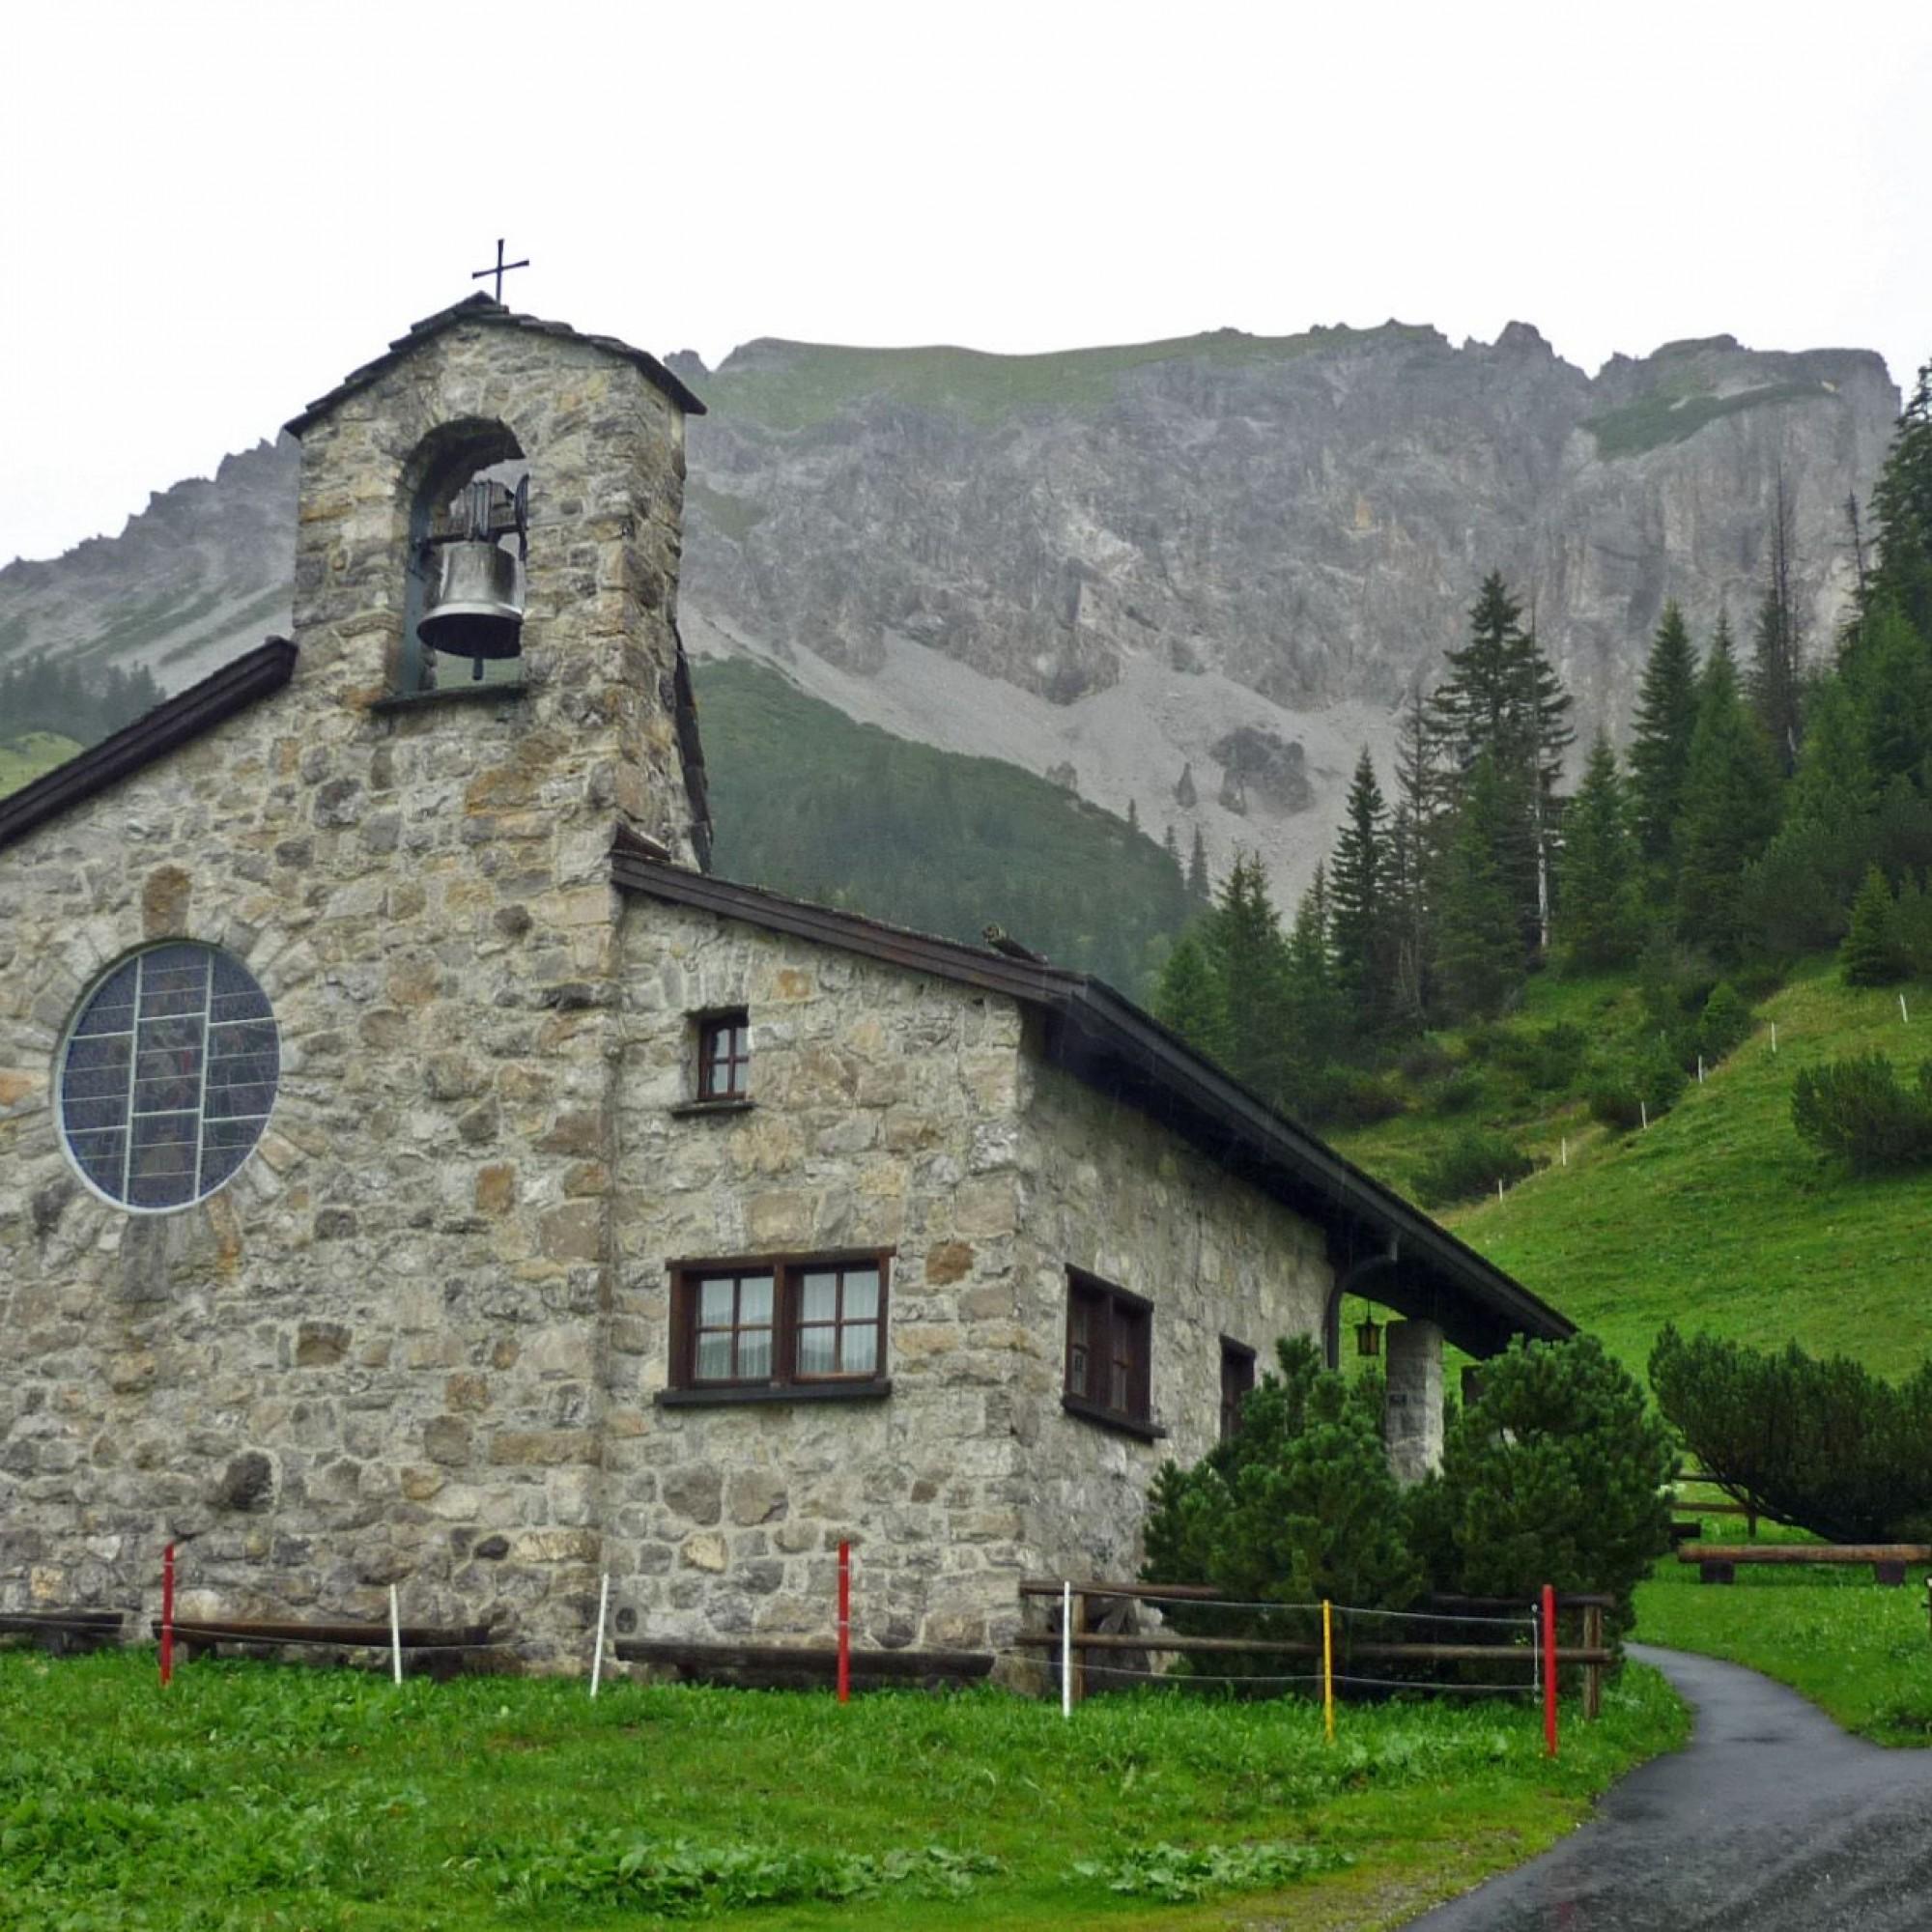 Die Friedenskapelle Malbun entstand in den Jahren 1950/51 und wurde von Johannes Hugentobler geplant. Auch das markante, runde Chorfenster stammt aus seiner Hand.